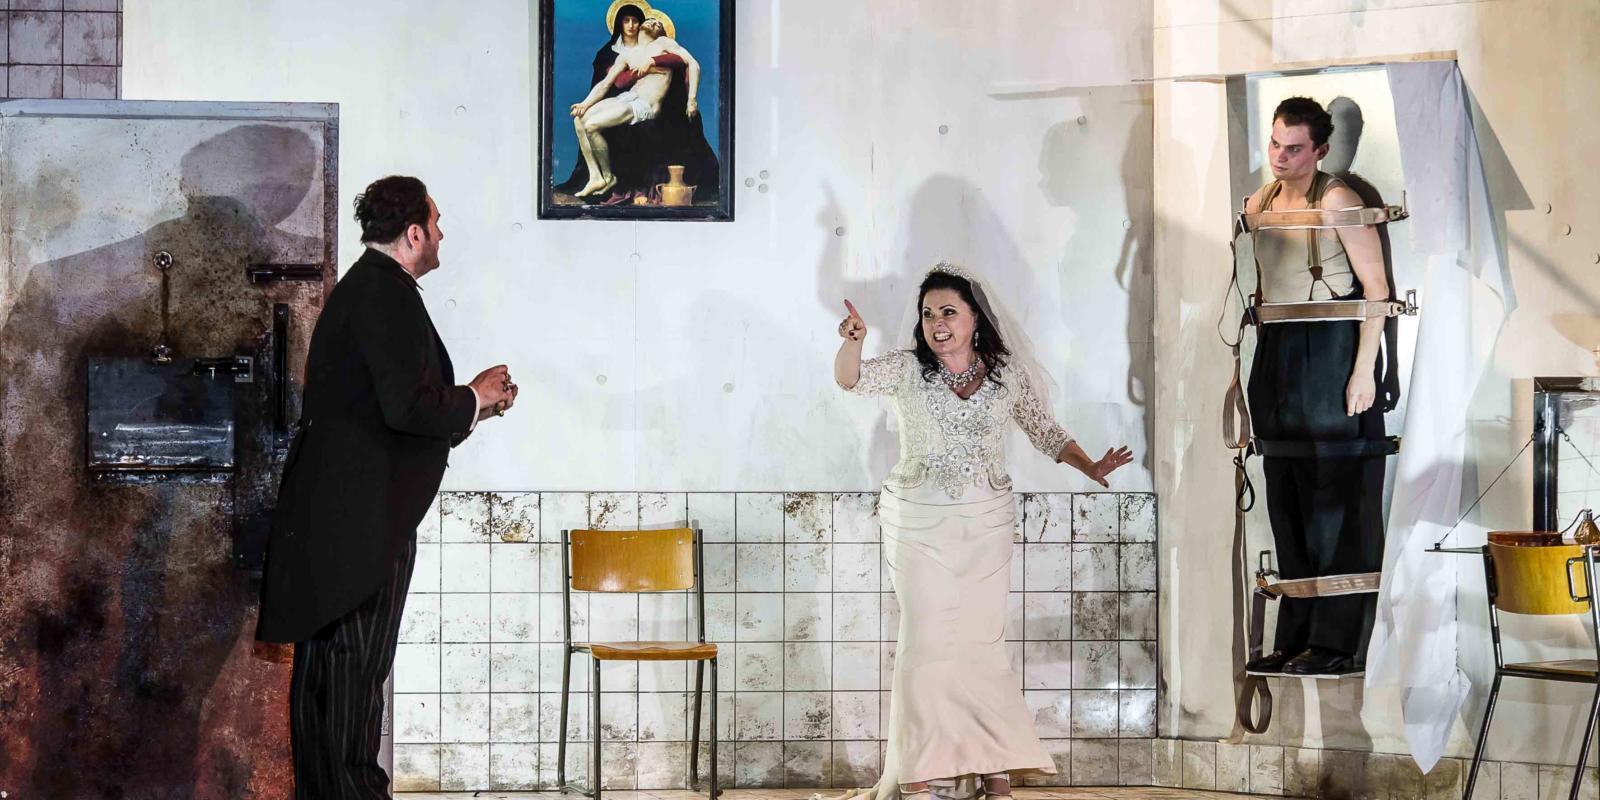 An image of John Mark Ainsley, Rebecca Evans and Matt Casey in Richard Jones's 2014 production of Rodelinda